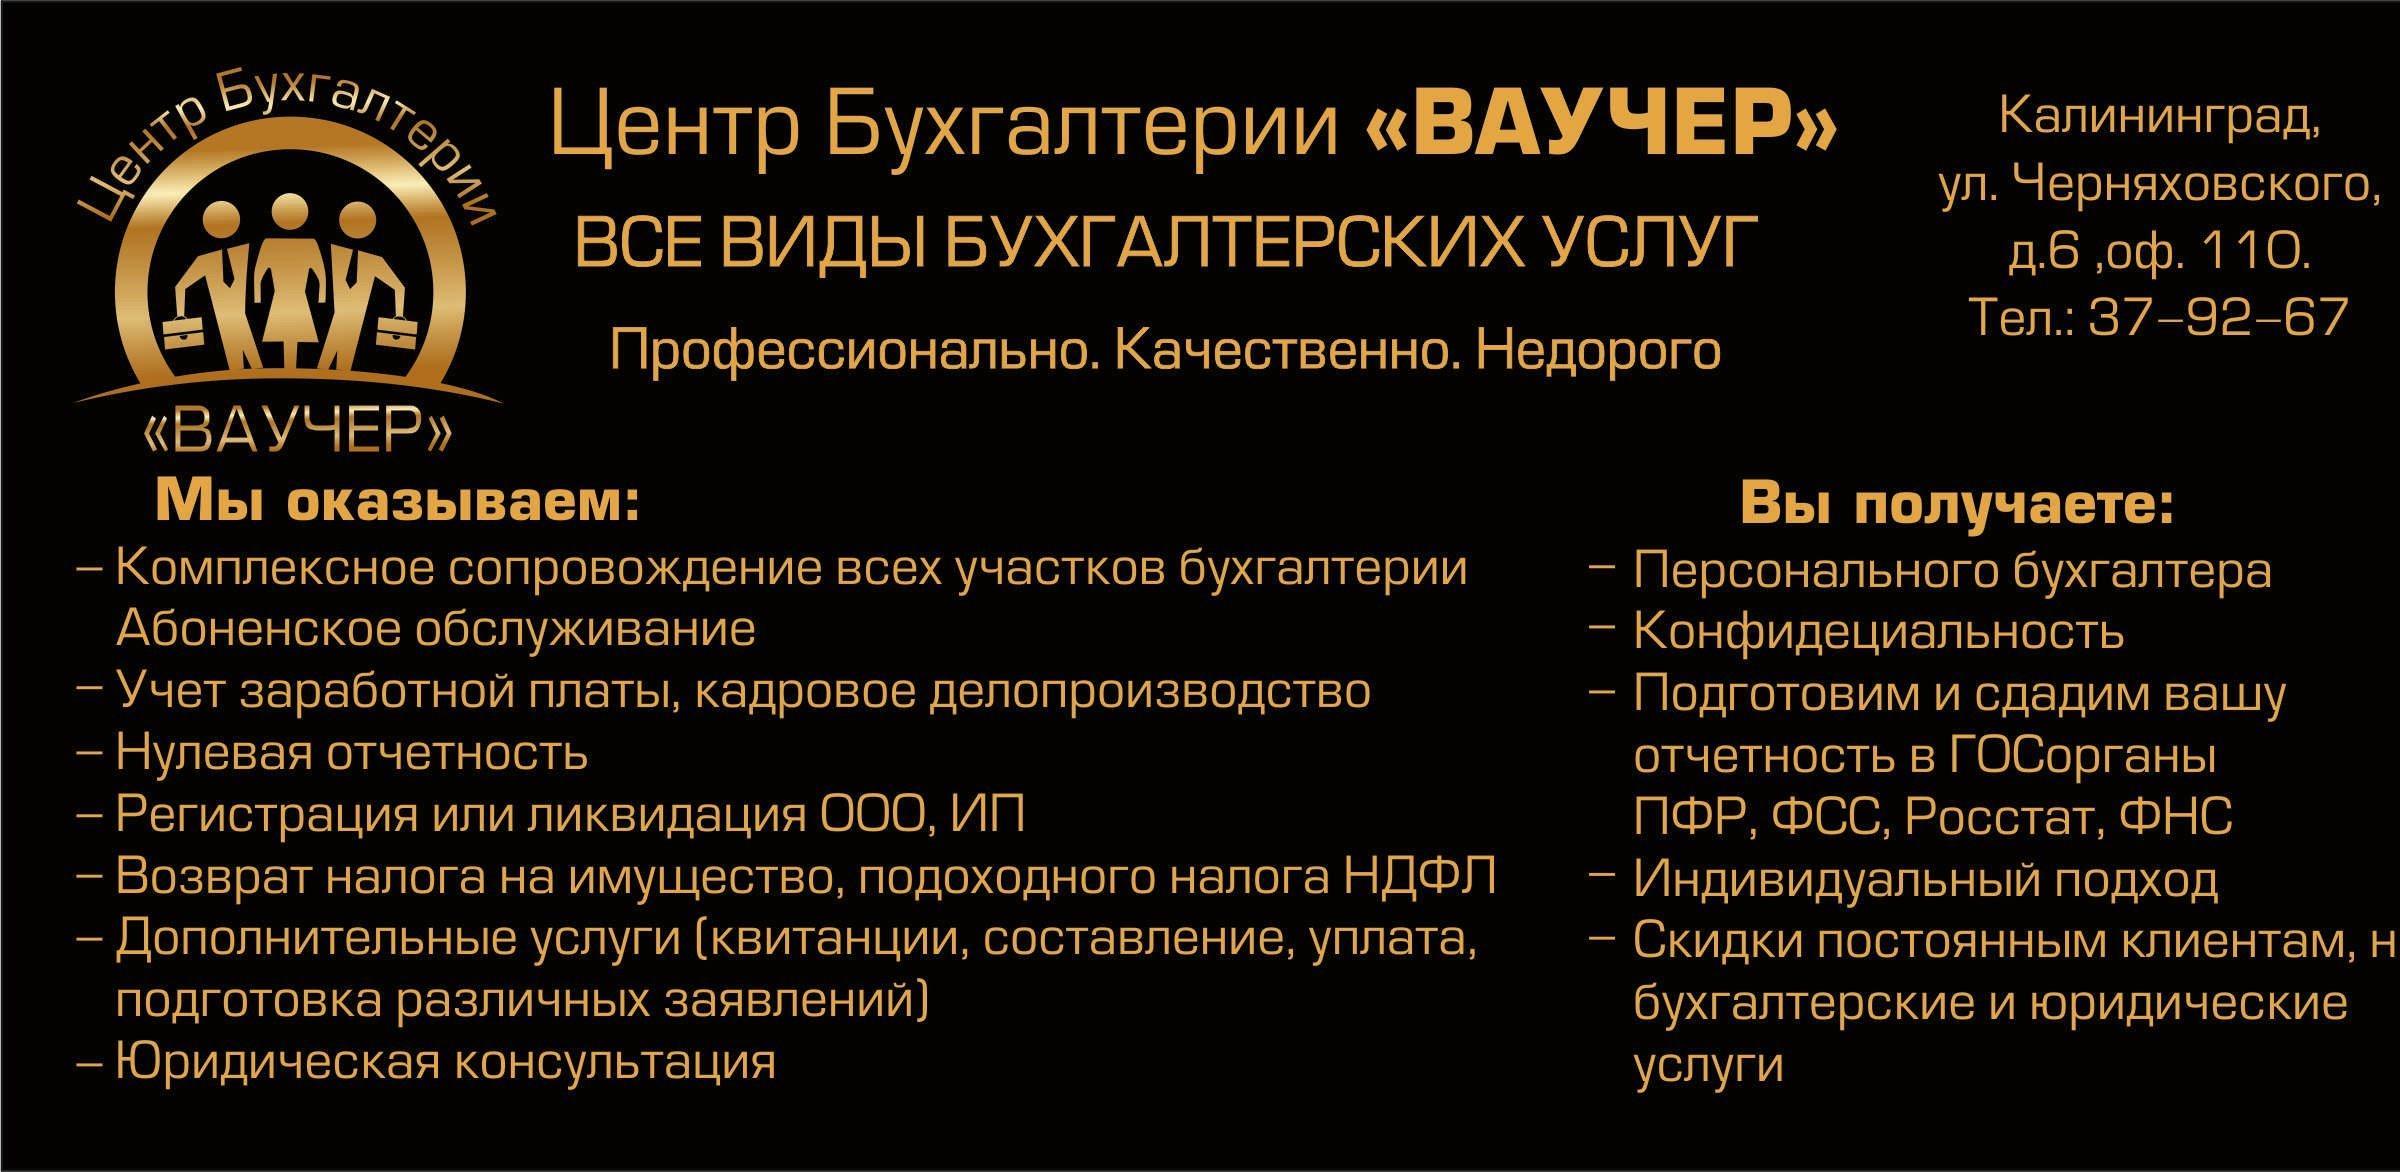 фотография Центр бухгалтерии Ваучер на улице Черняховского